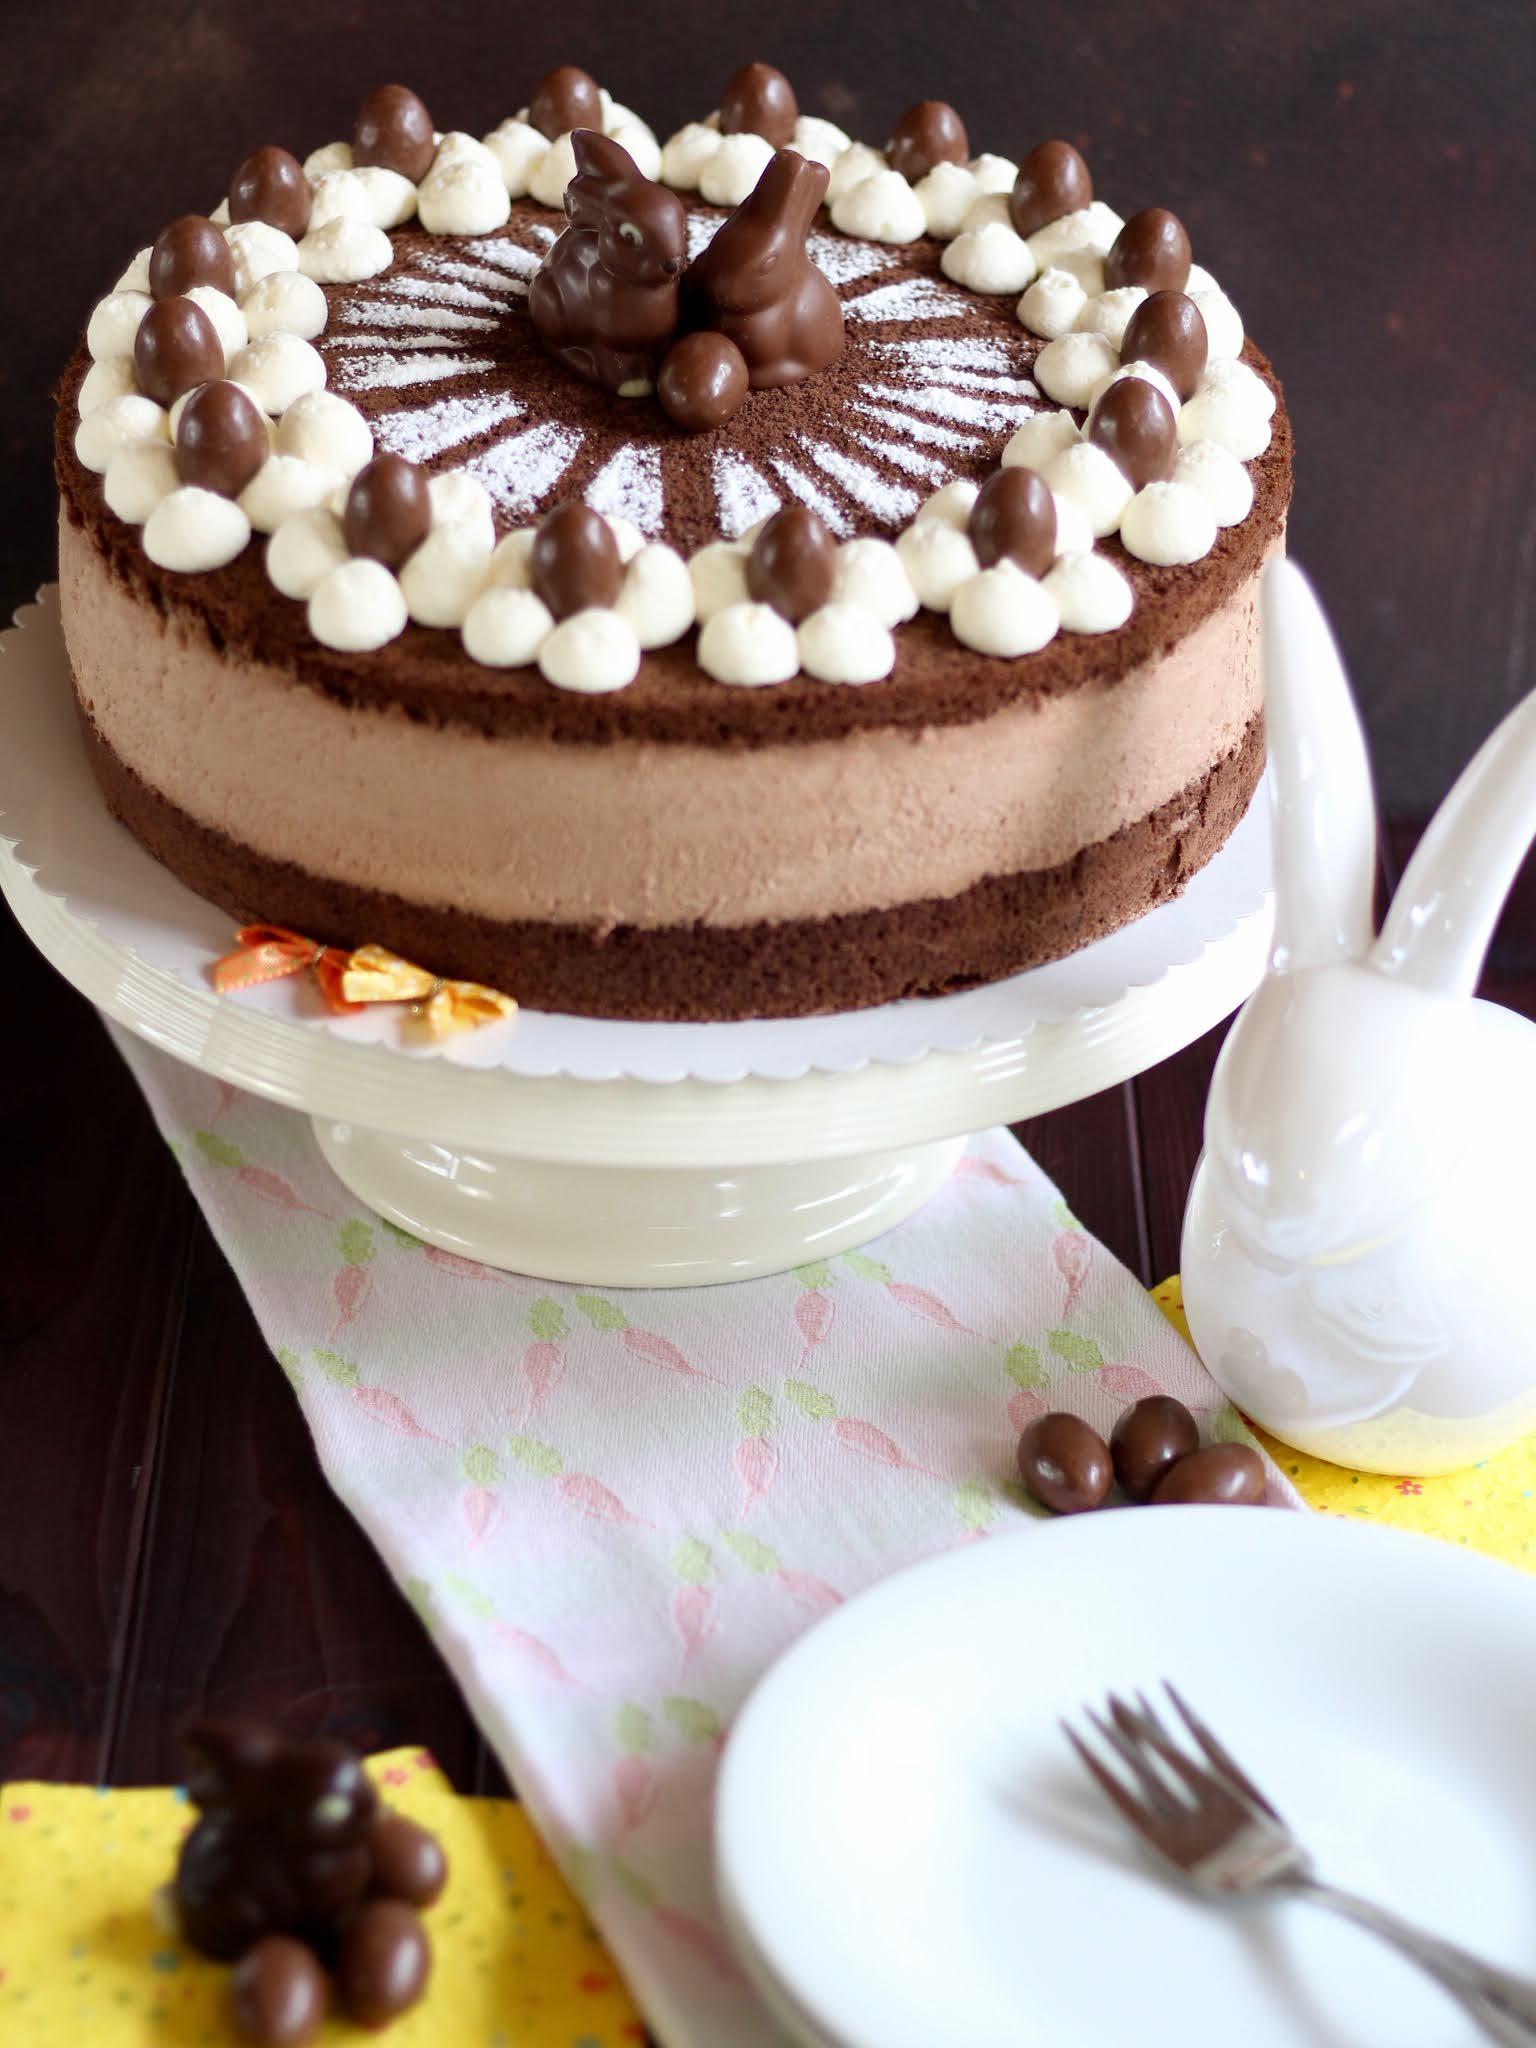 Die beste Schoko-Käse-Sahne-Torte backen! Traumhafte Ostertorte mit viel Schokolade! | Rezept und Video von Sugarprincess